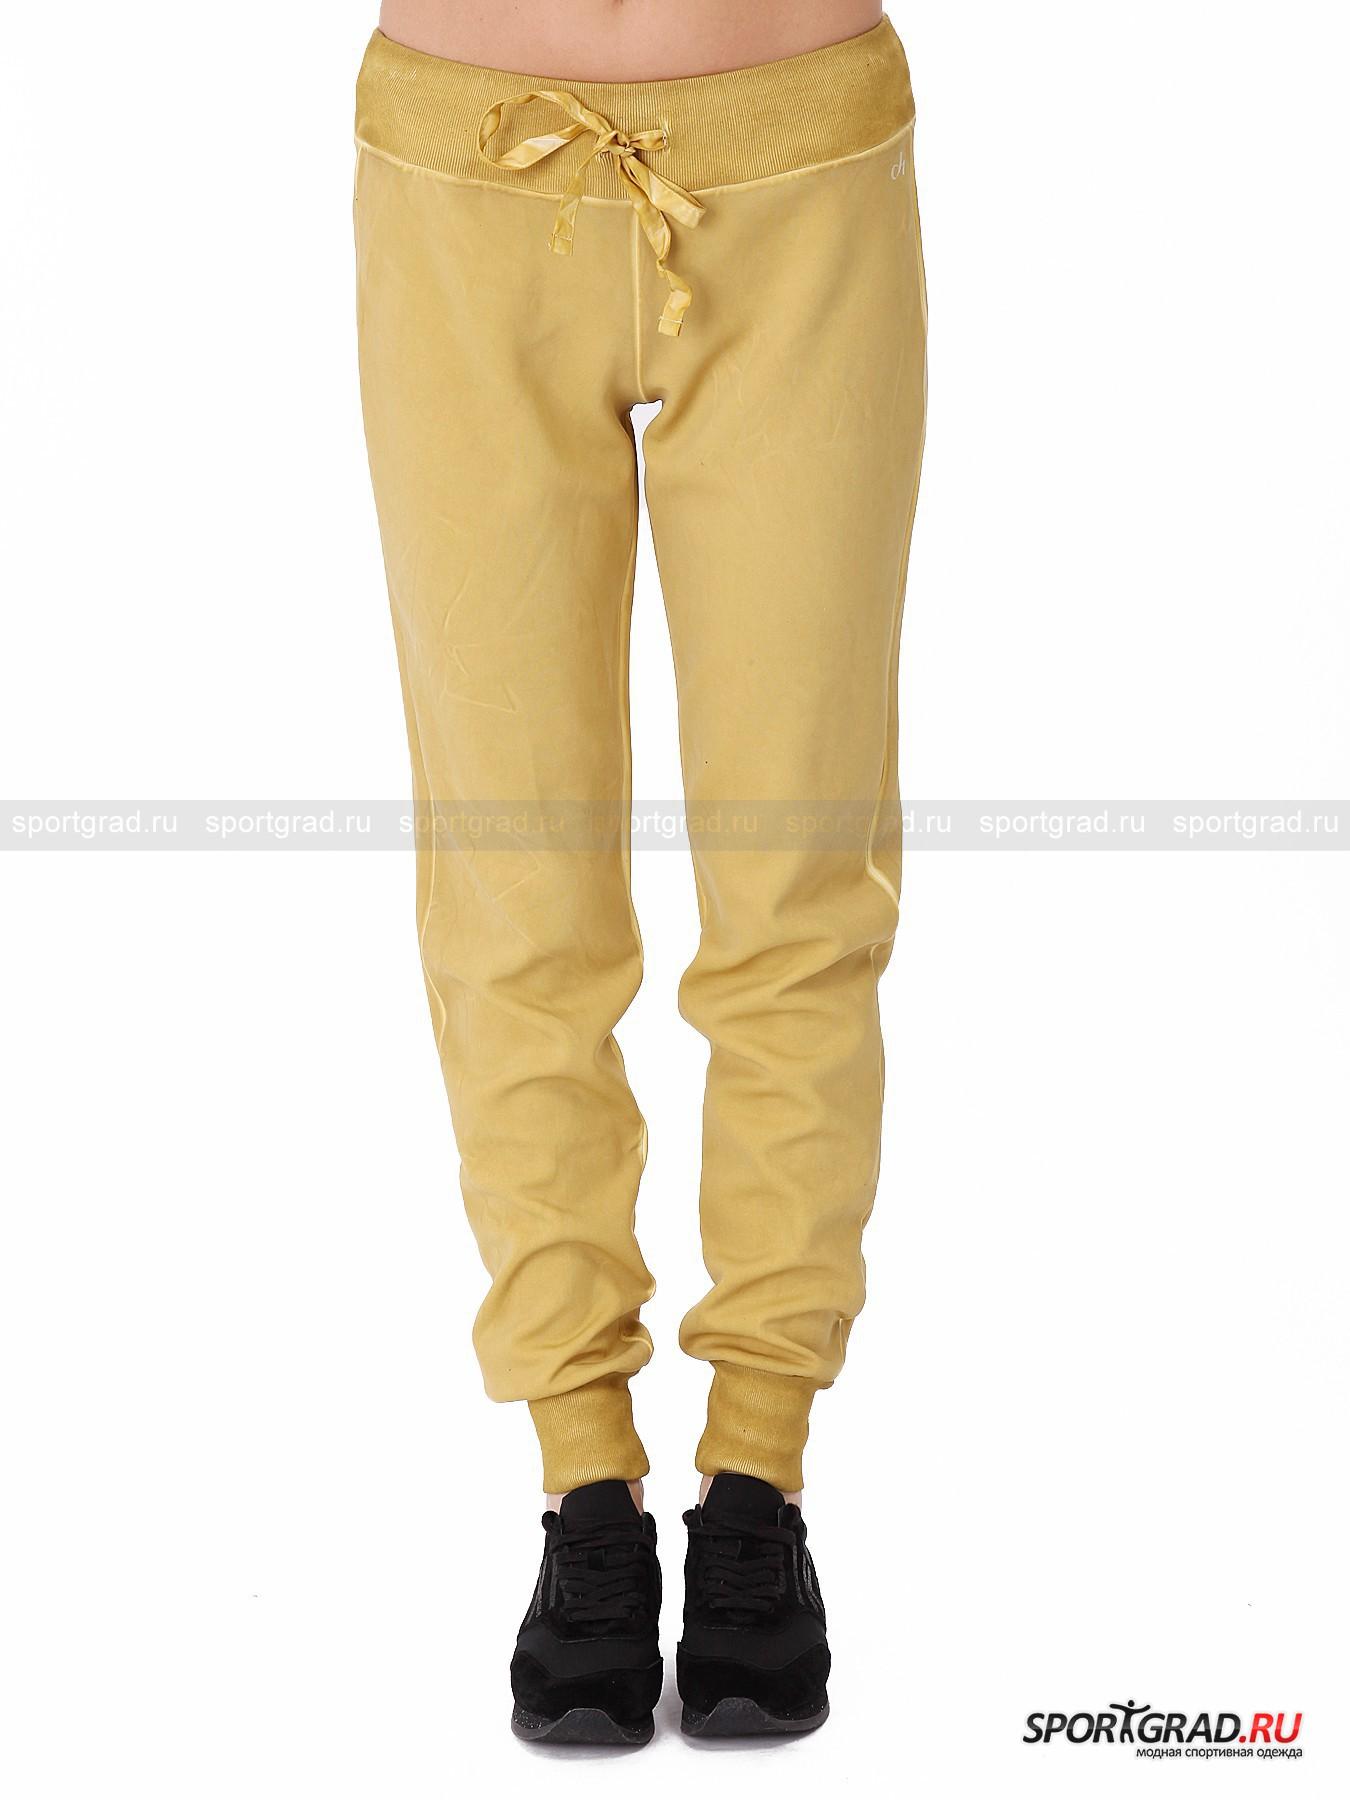 Брюки женские Slim Jogging Pants DEHAБрюки<br>Интересные штаны Slim Jogging Pants Deha предназначены прежде всего для бега, но внешний вид вполне позволяет носить их и в обычной жизни. Брюки выполнены в винтажном стиле: они выкрашены таким образом, чтобы специально создать заломы и потертости на ткани, а также немного «грязный» цвет. Материал, из которого сделана модель, эластичный, гладкий на ощупь и приятный к телу.<br><br>Особенности модели:<br>- пояс на резинке с кулиской и регулирующей лентой;<br>- манжеты внизу штанин;<br>- два накладных кармана сзади;<br>- фирменный логотип Deha.<br><br>Пол: Женский<br>Возраст: Взрослый<br>Тип: Брюки<br>Рекомендации по уходу: стирка в теплой воде до 30 С; не отбеливать; гладить слегка нагретым утюгом (температура до 110 C); только сухая чистка; нельзя выжимать и сушить в стиральной машине<br>Состав: 94% полиэстер, 6% эластан